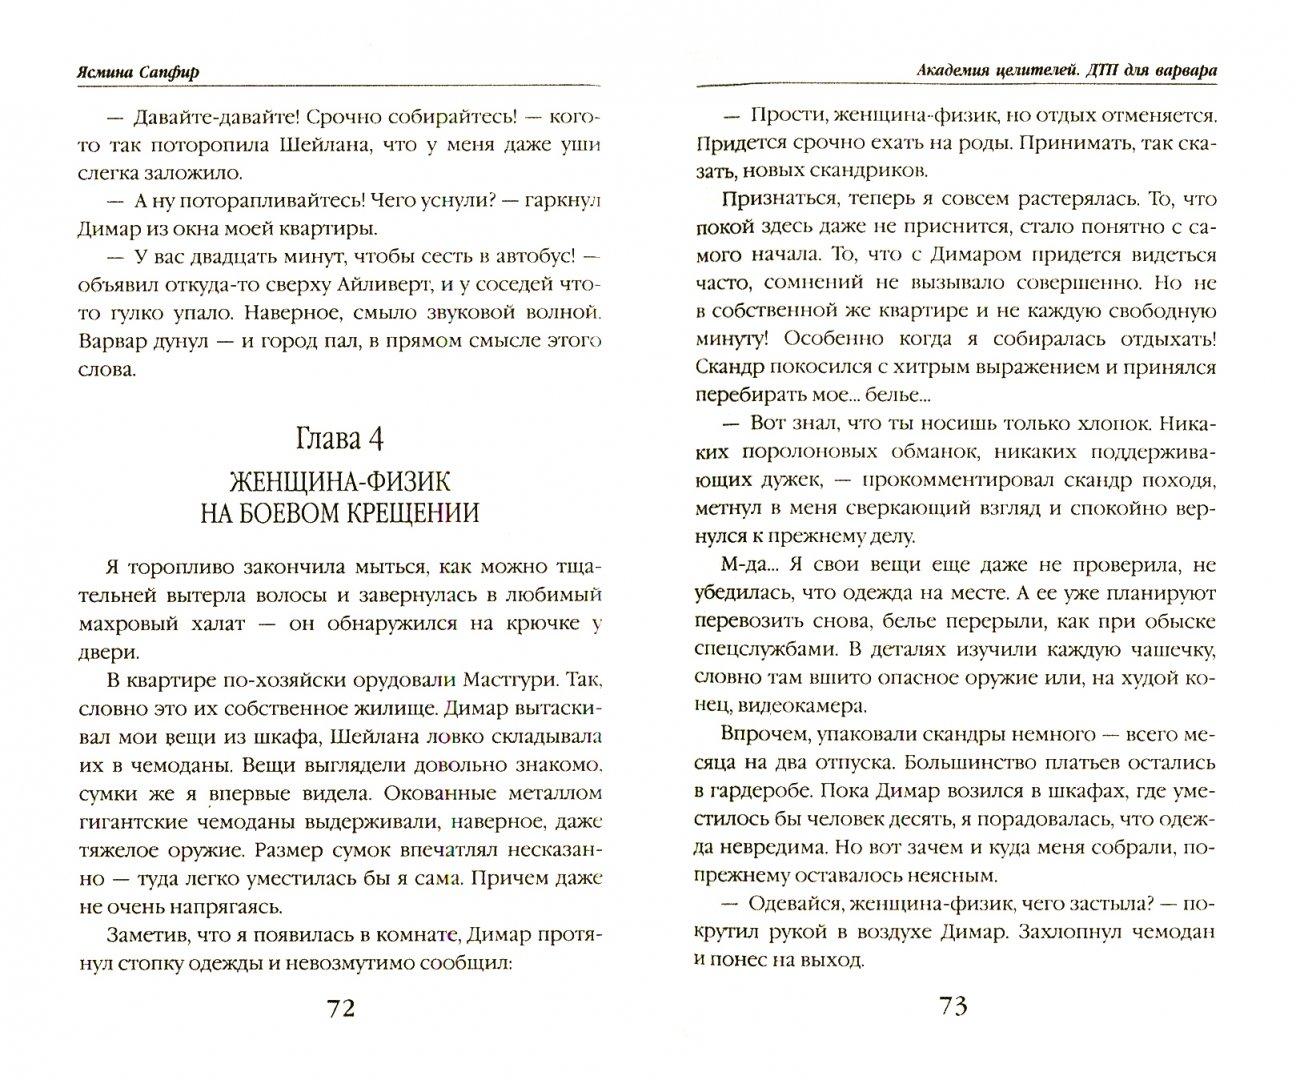 Иллюстрация 2 из 11 для Академия целителей. ДТП для варвара - Ясмина Сапфир   Лабиринт - книги. Источник: Лабиринт